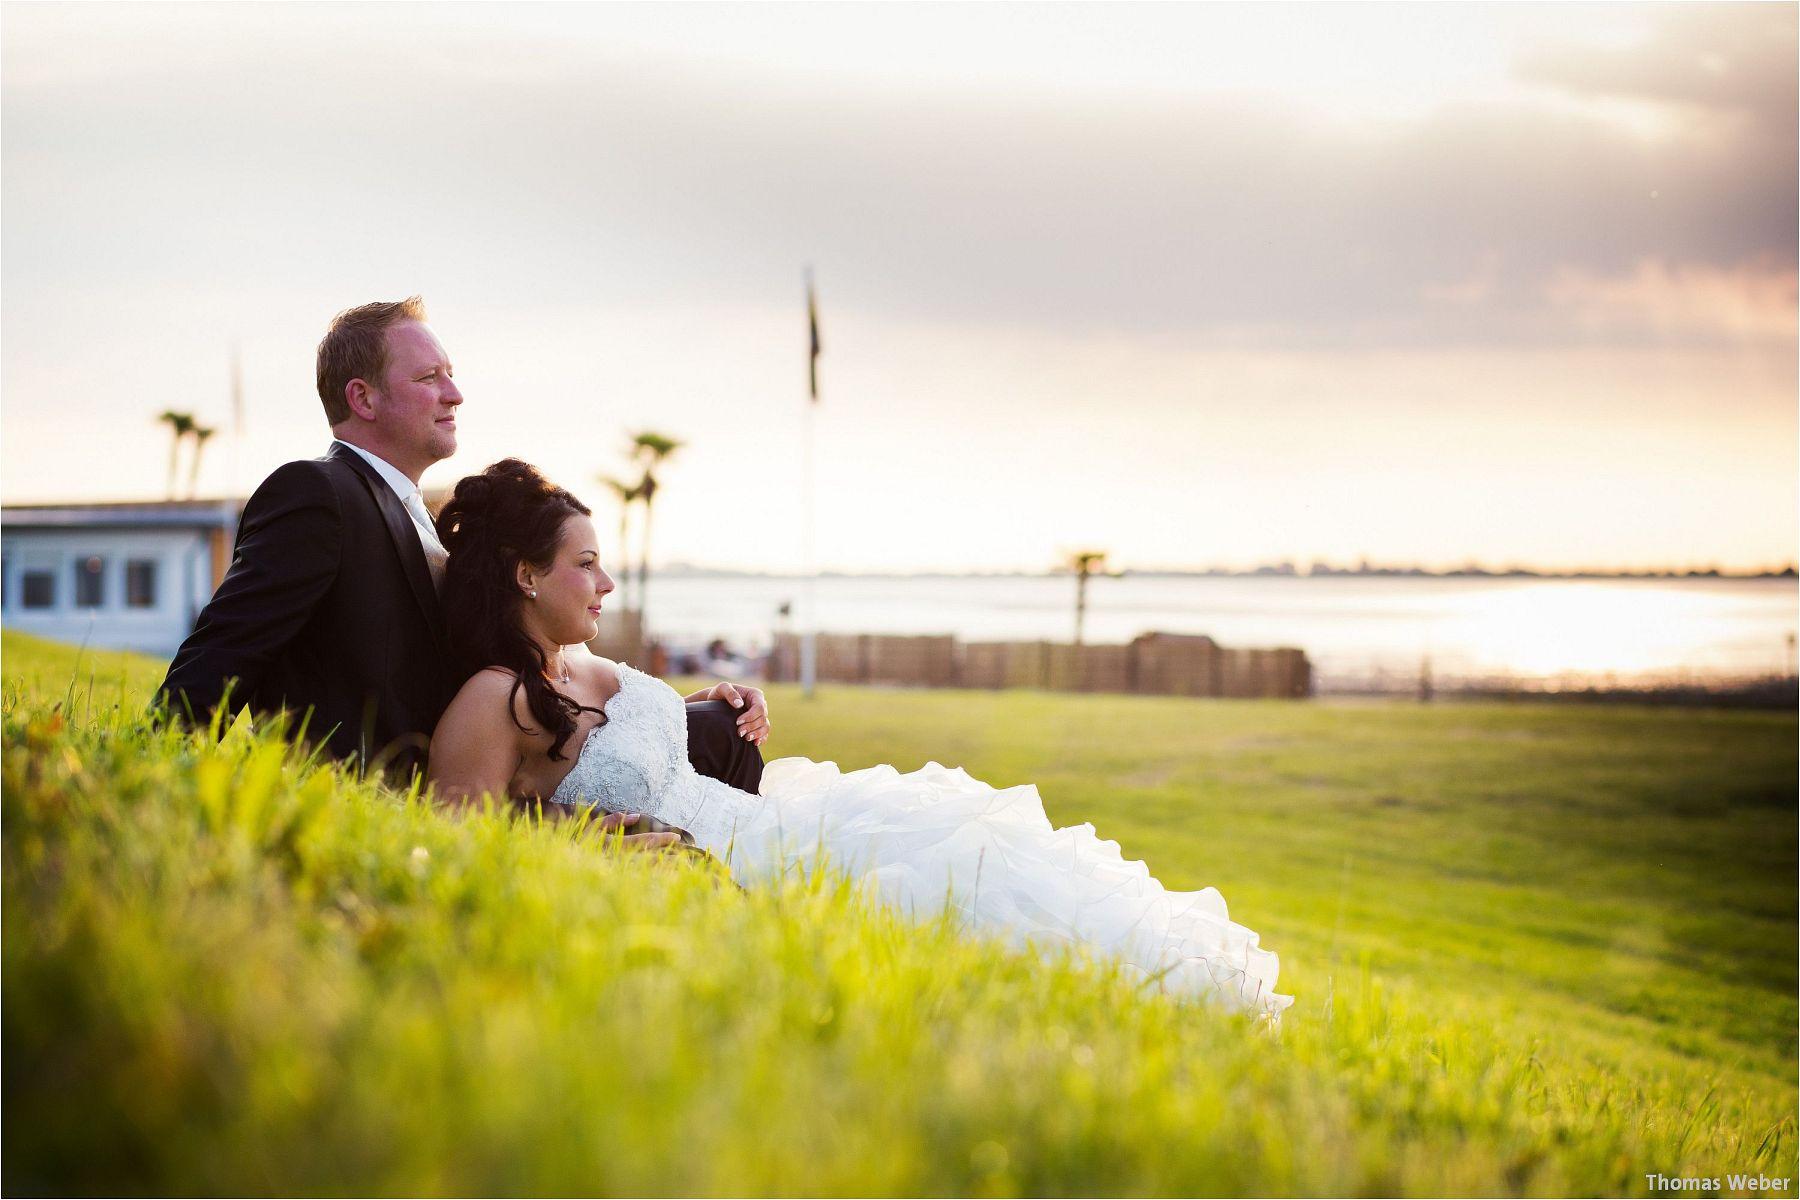 Hochzeitsfotograf Oldenburg: Hochzeitsportraits bei einem After Wedding Shooting am Nordsee-Strand von Dangast/Varel bei Sonnenuntergang (9)